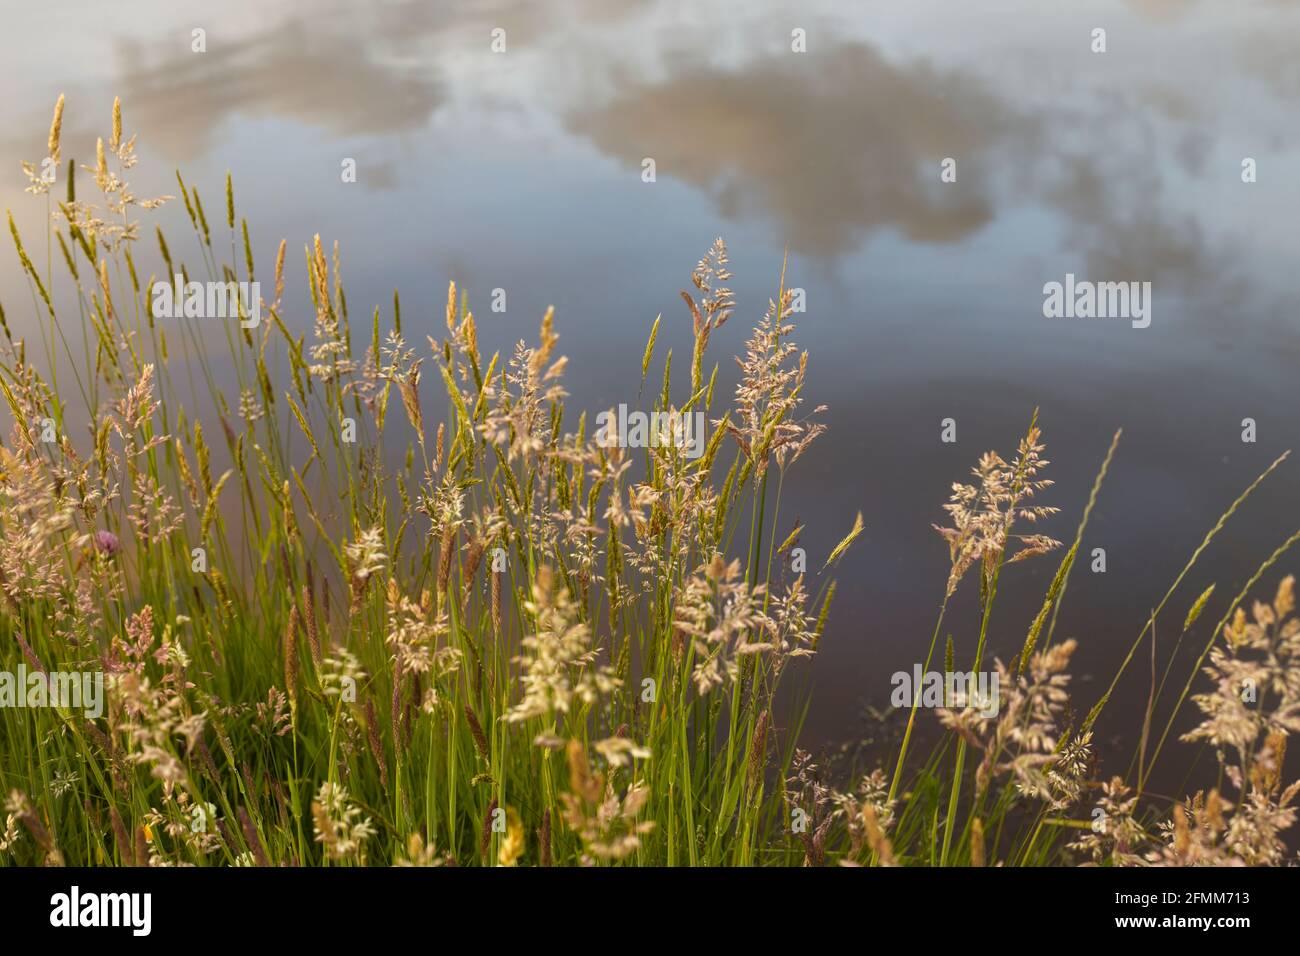 Pastos de verano al lado de un estanque con el cielo reflejado en el agua en el fondo. Foto de stock